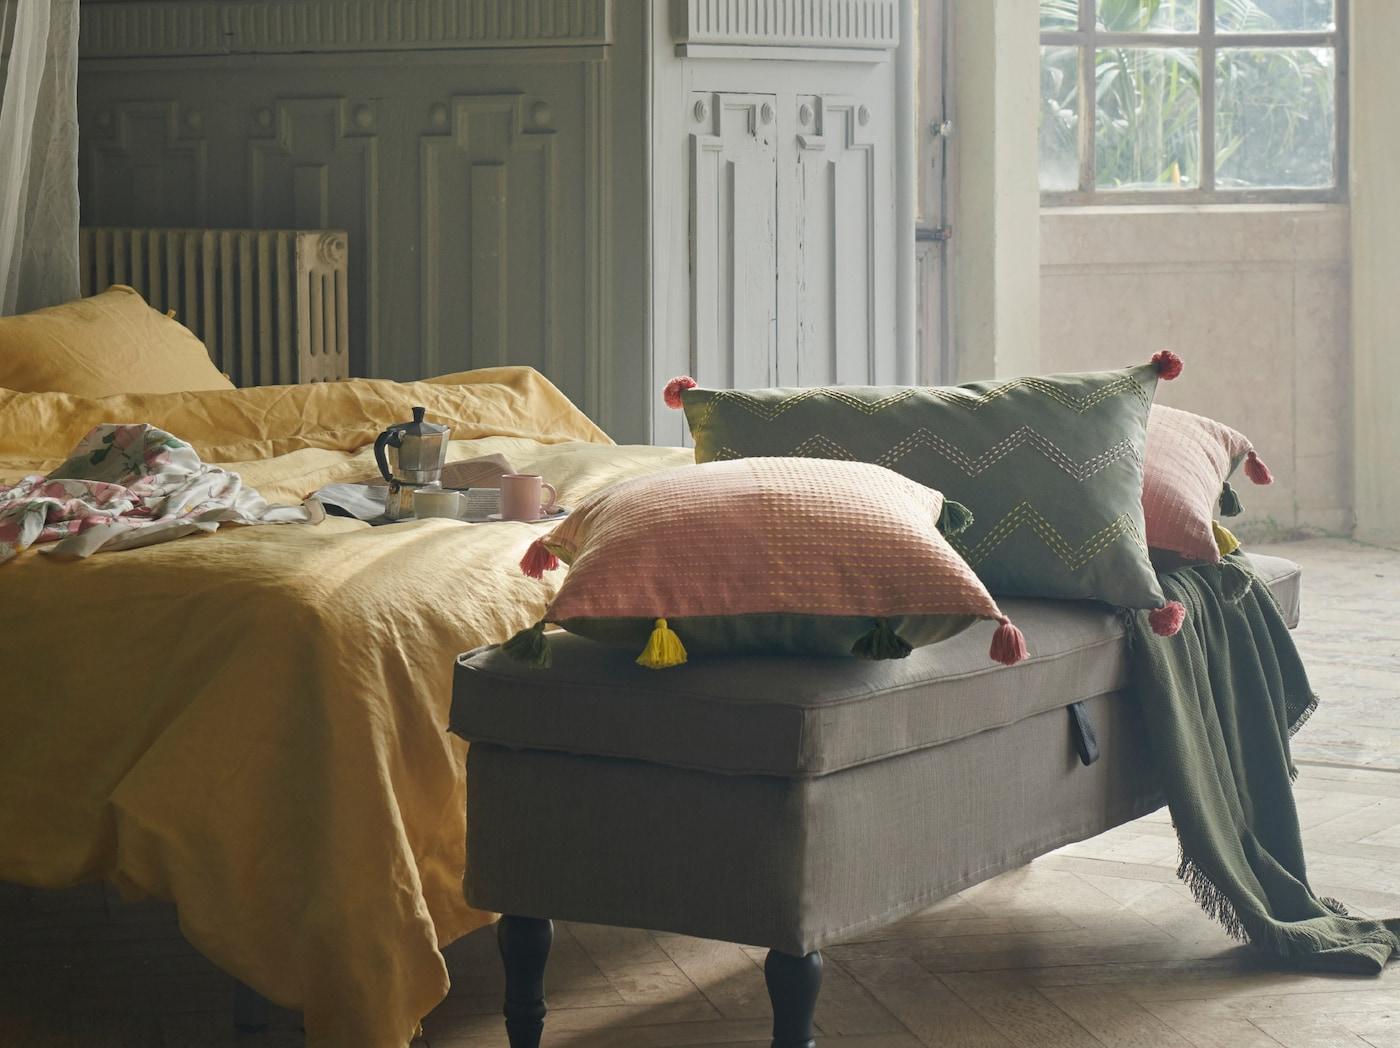 أغطية الوسائد KLARAFINA و MOAKAJSA باللونين الوردي والأخضر موضوعة على مقعد عند طرف السرير في غرفة نوم حالمة.